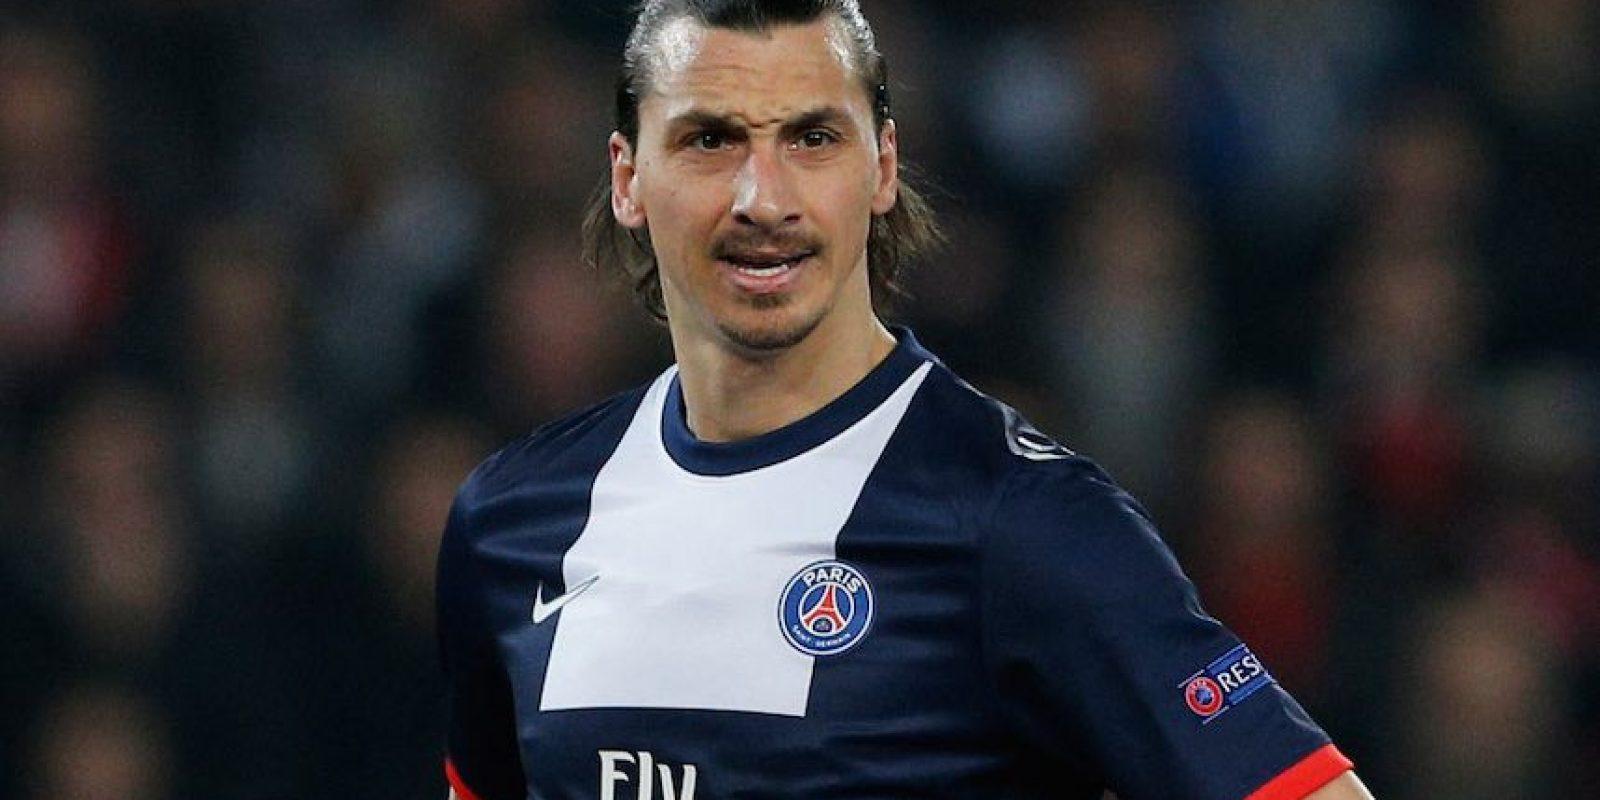 """Ya en la Ligue 1, Zlatan volvió a mostrar su arrogancia con un gesto a un jugador del Saint Etienne. Ibrahimovic cometió una falta durante el partido y ante las protestas del rival, sonrió y volteó a ver la camiseta del jugador, para así """"saber quién era"""". Foto:Getty Images"""